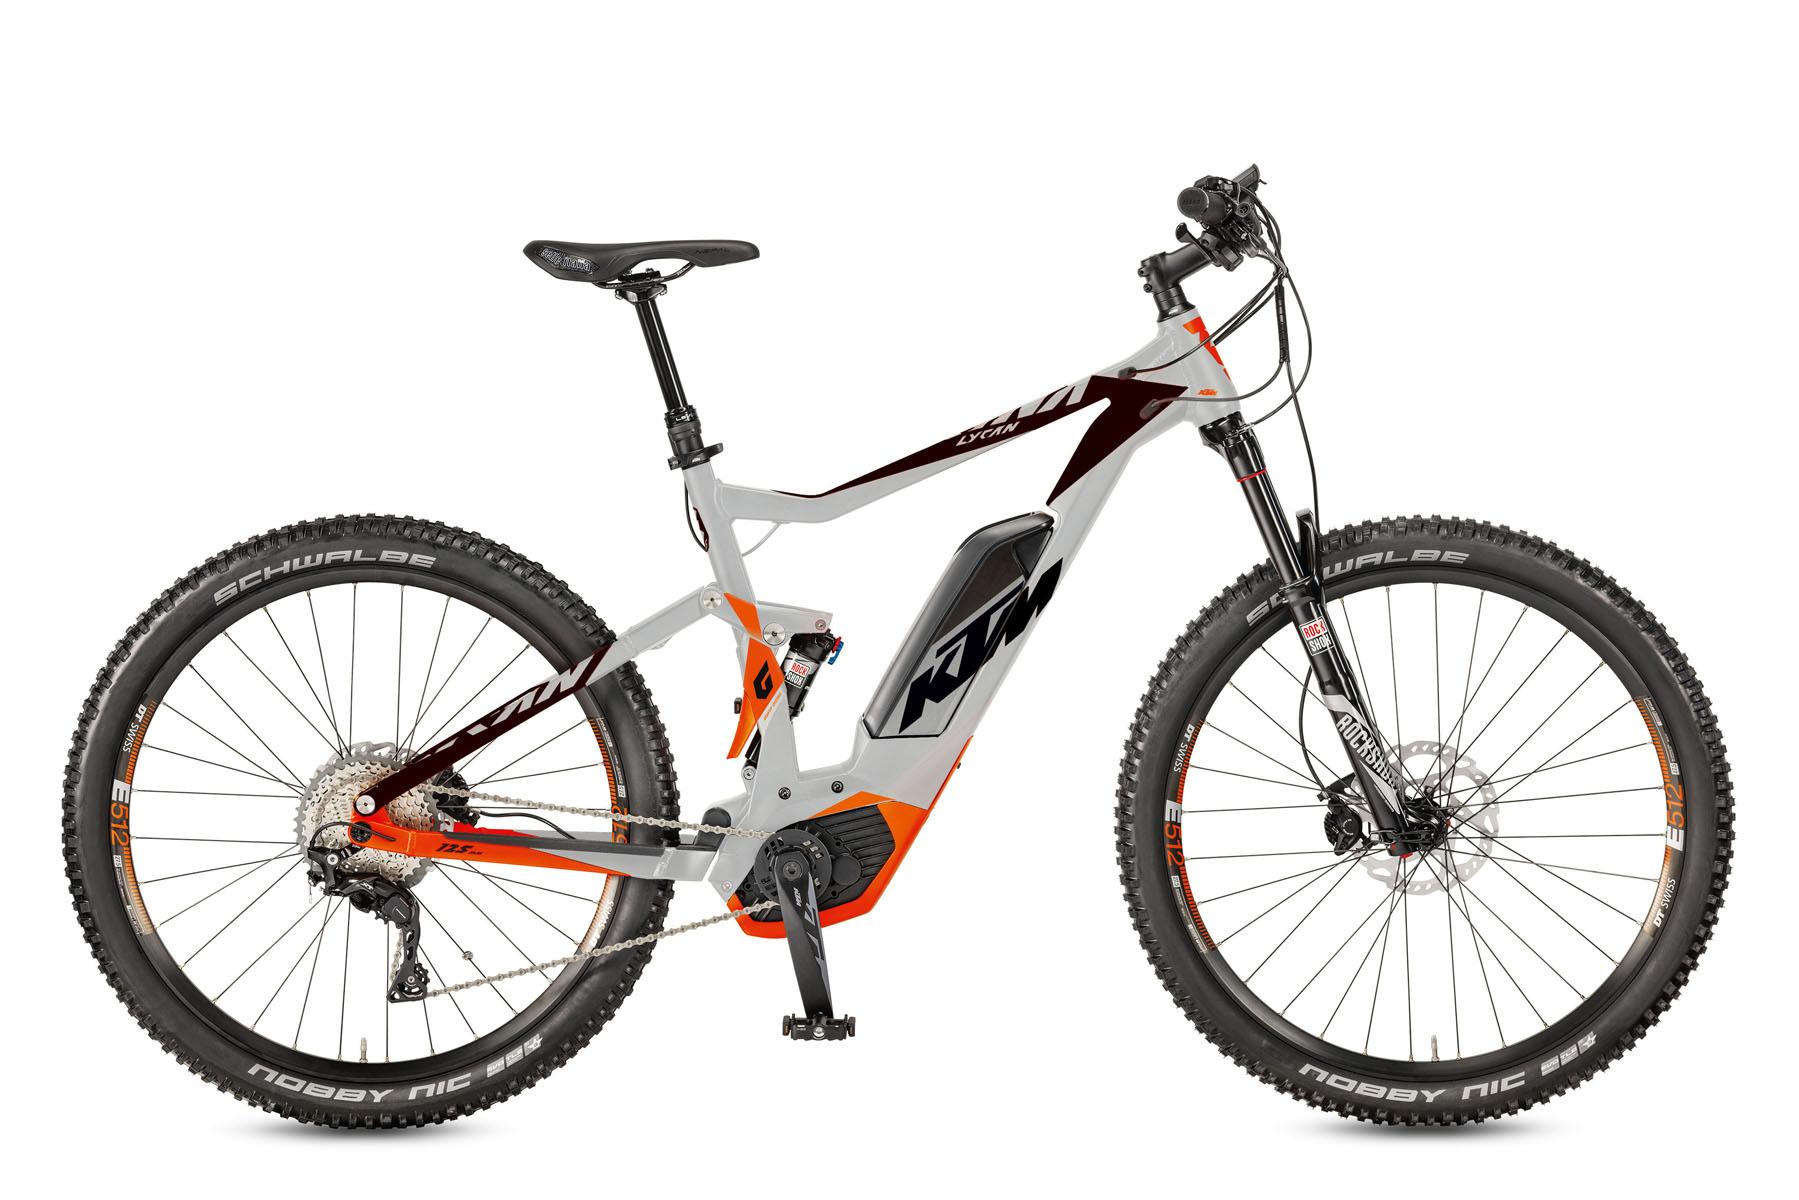 ktm bici mountain bike scout bike vendita online. Black Bedroom Furniture Sets. Home Design Ideas